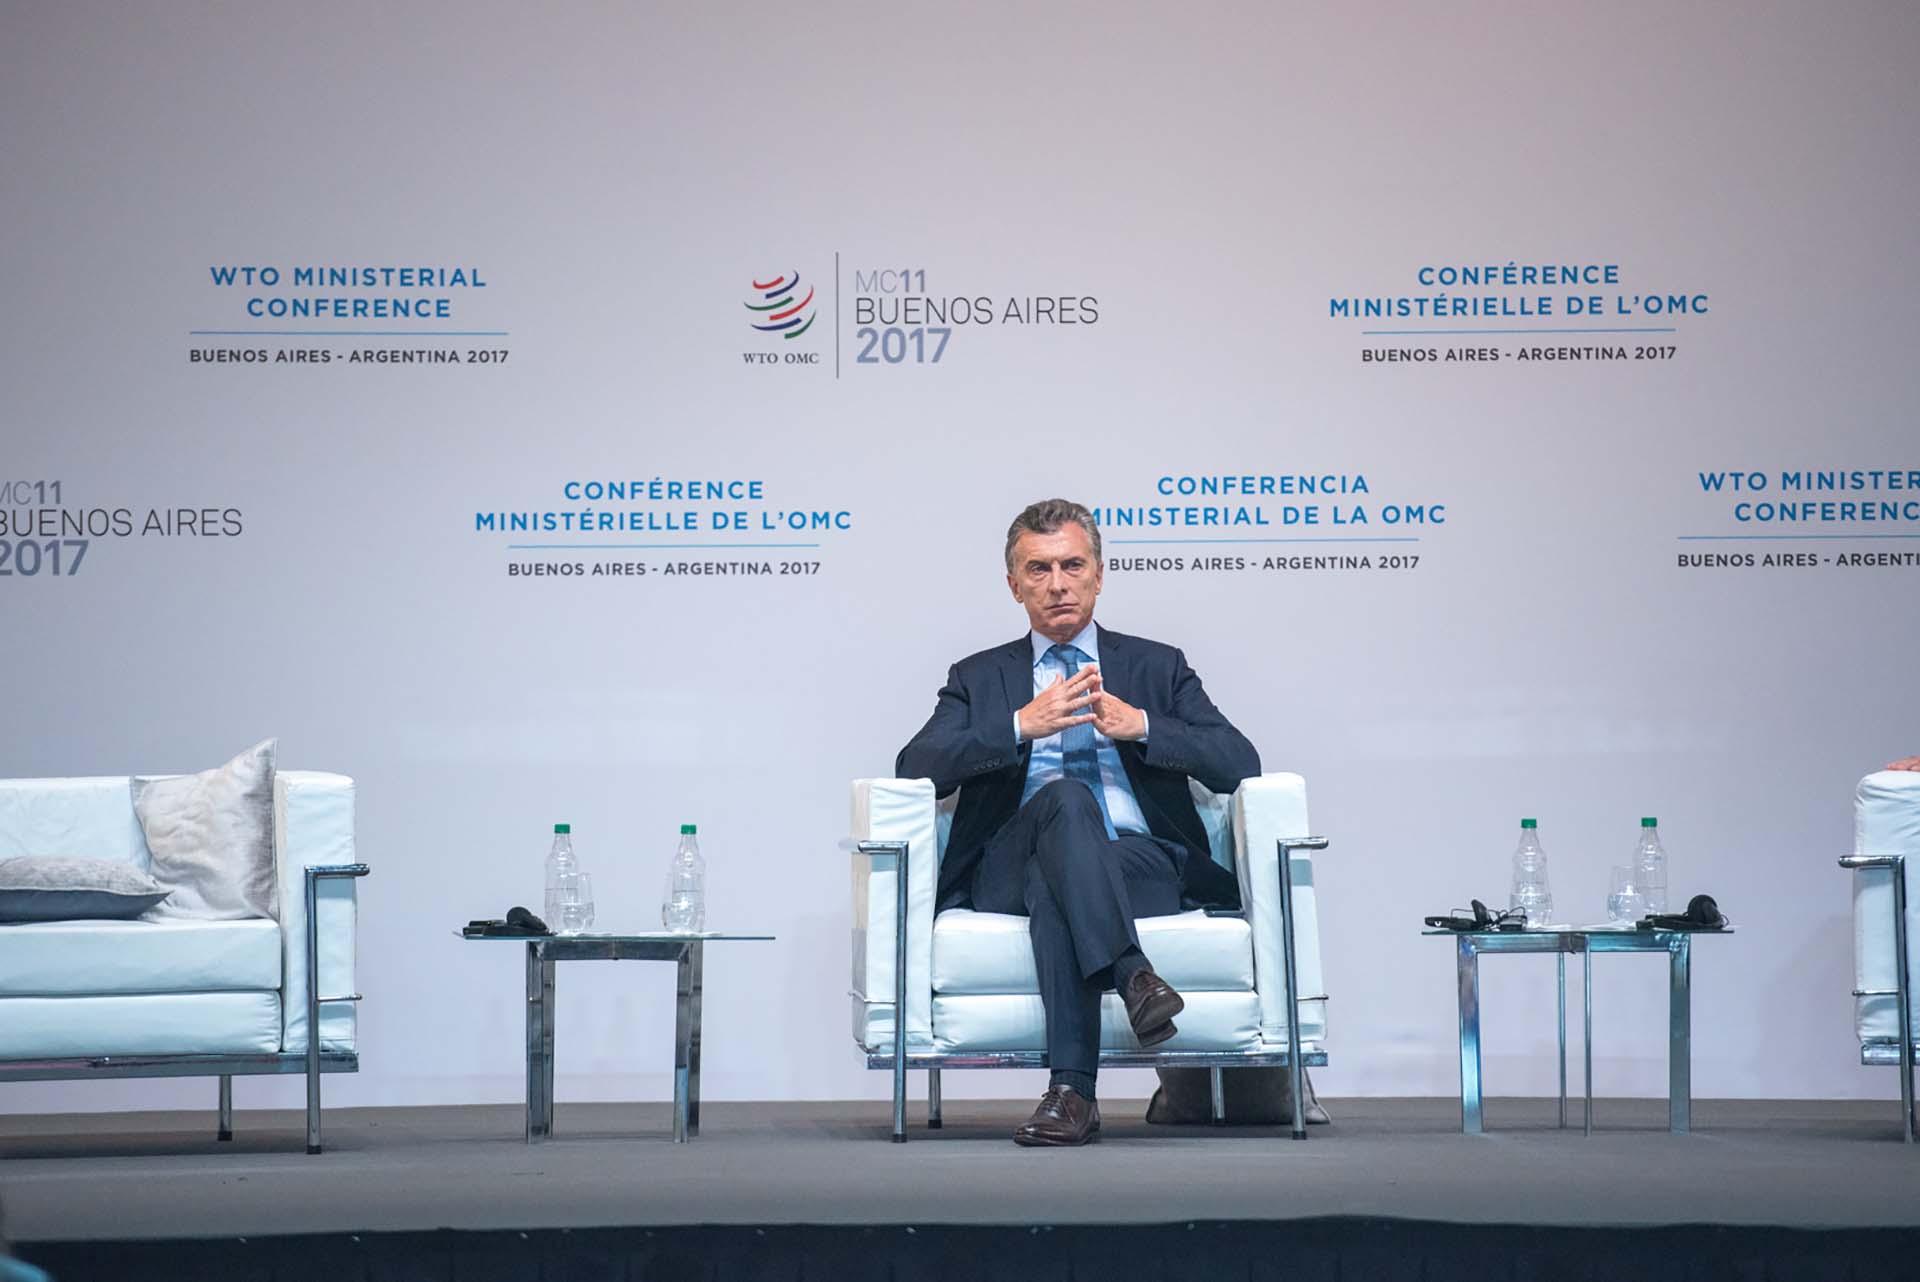 El mandatario argentino escucha uno de los discursos de sus pares de la región